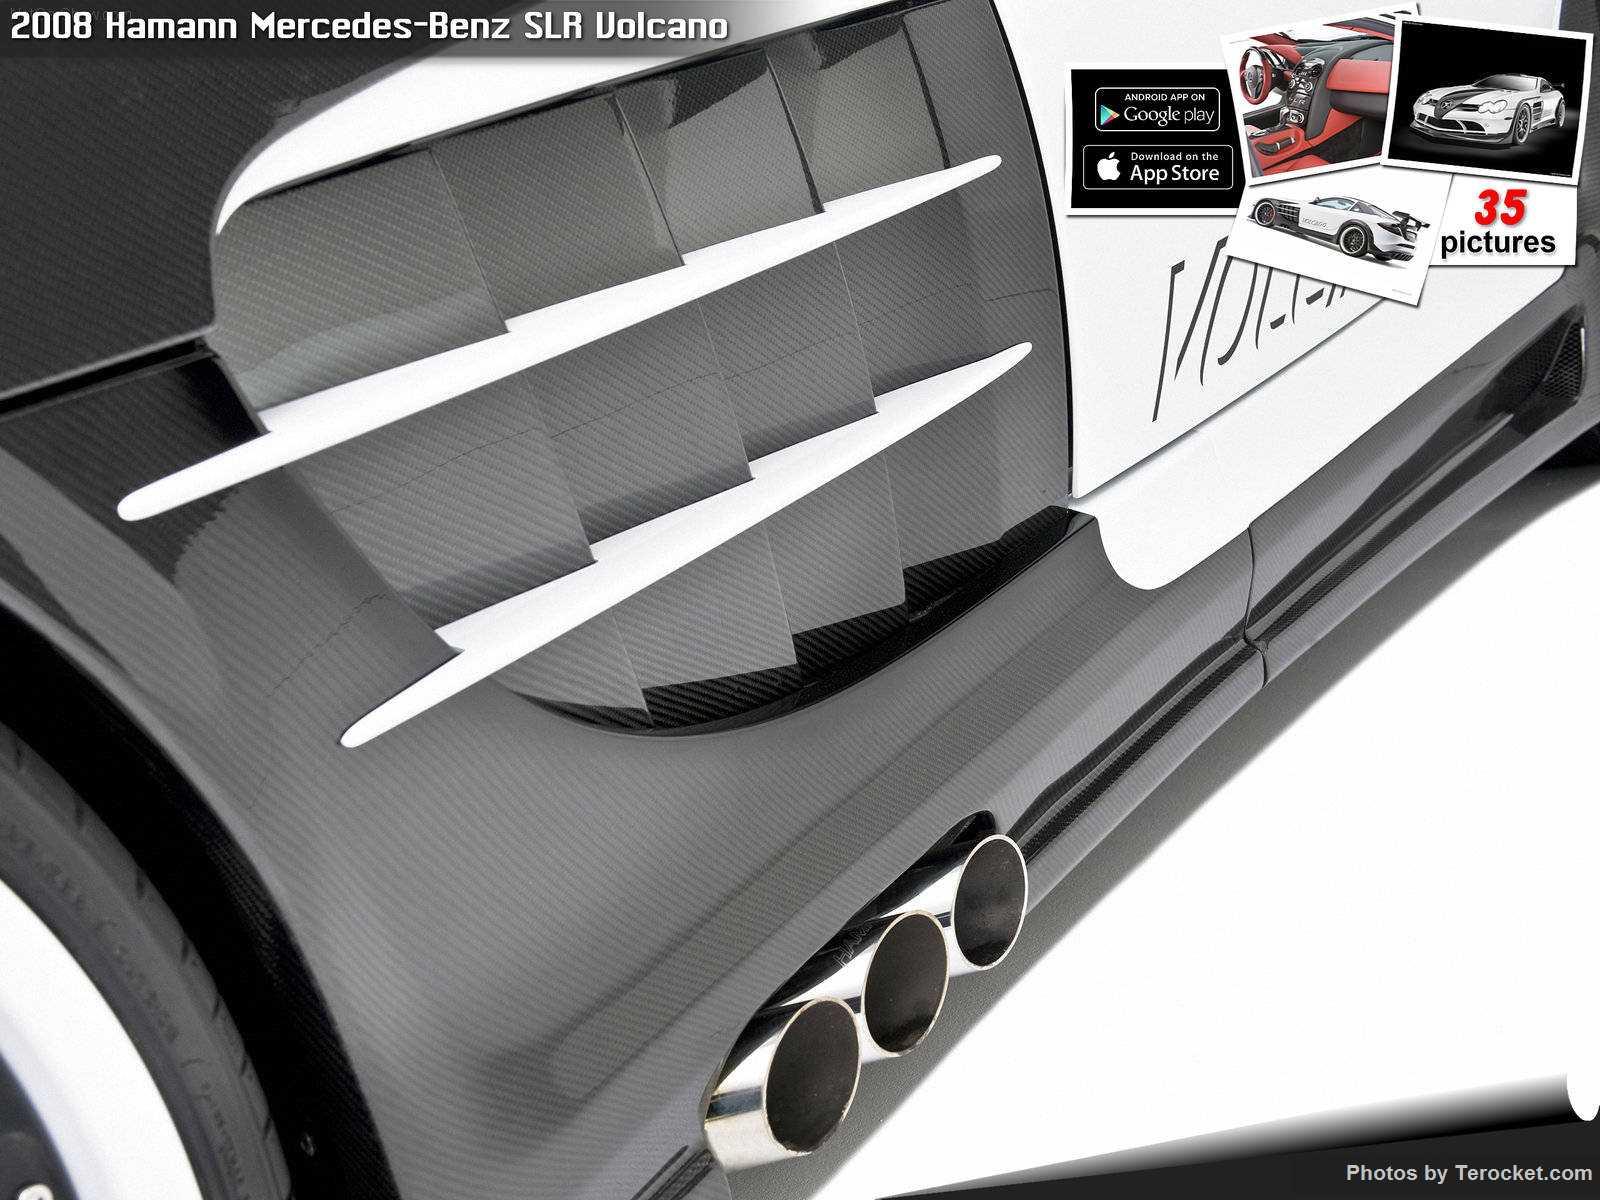 Hình ảnh xe ô tô Hamann Mercedes-Benz SLR Volcano 2008 & nội ngoại thất